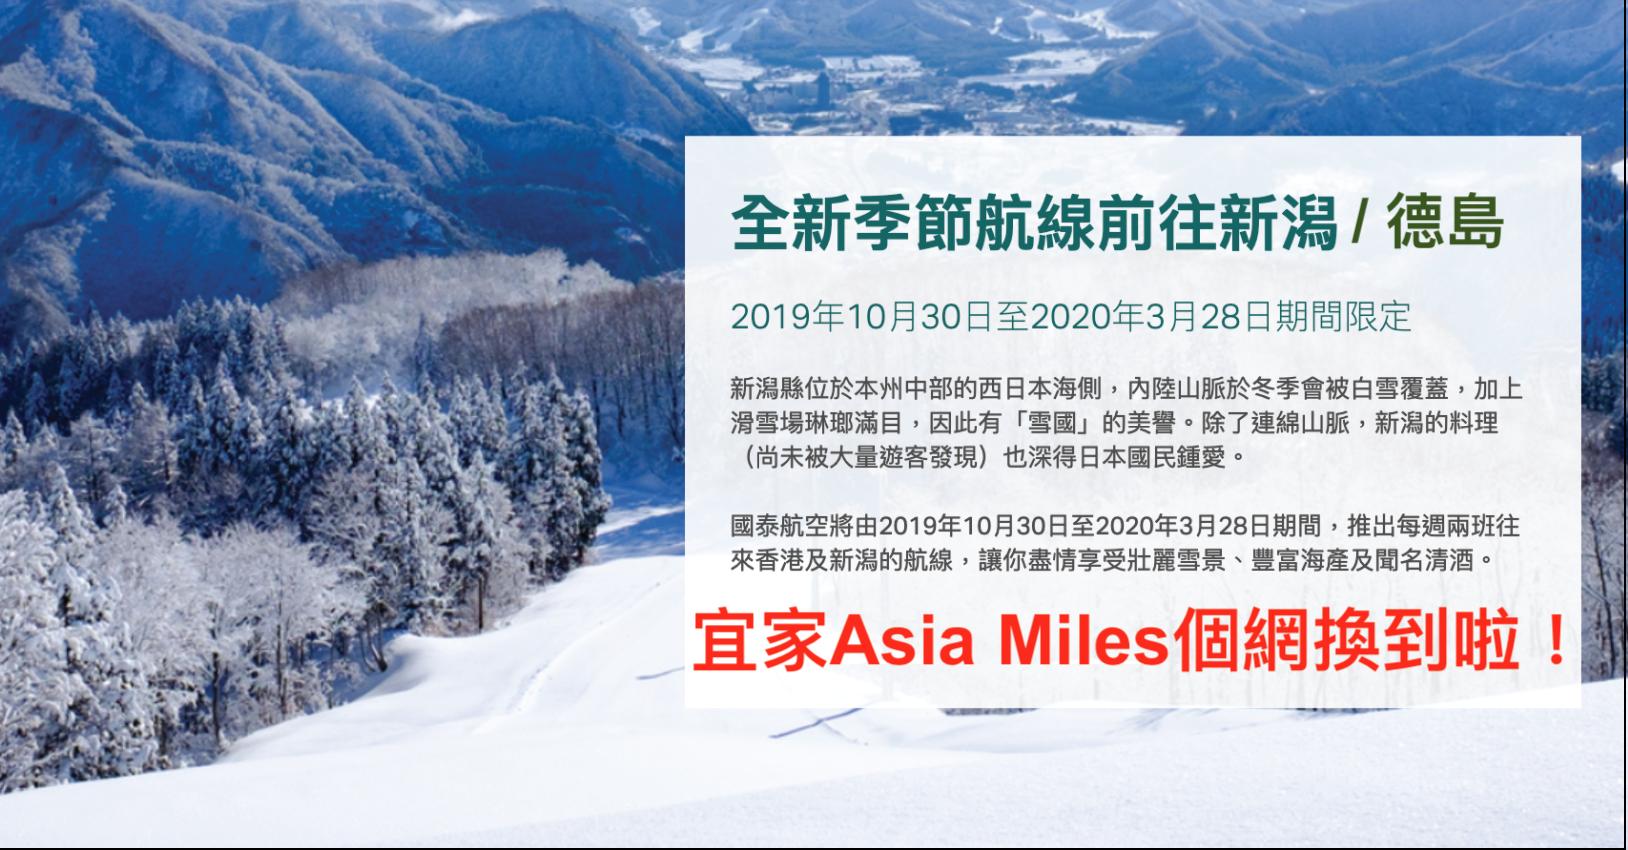 國泰全新季節航線前往新潟/德島!冬季限定!Asia Miles個網宜家都換到啦!單程ECON 10,000里、商務25,000里!